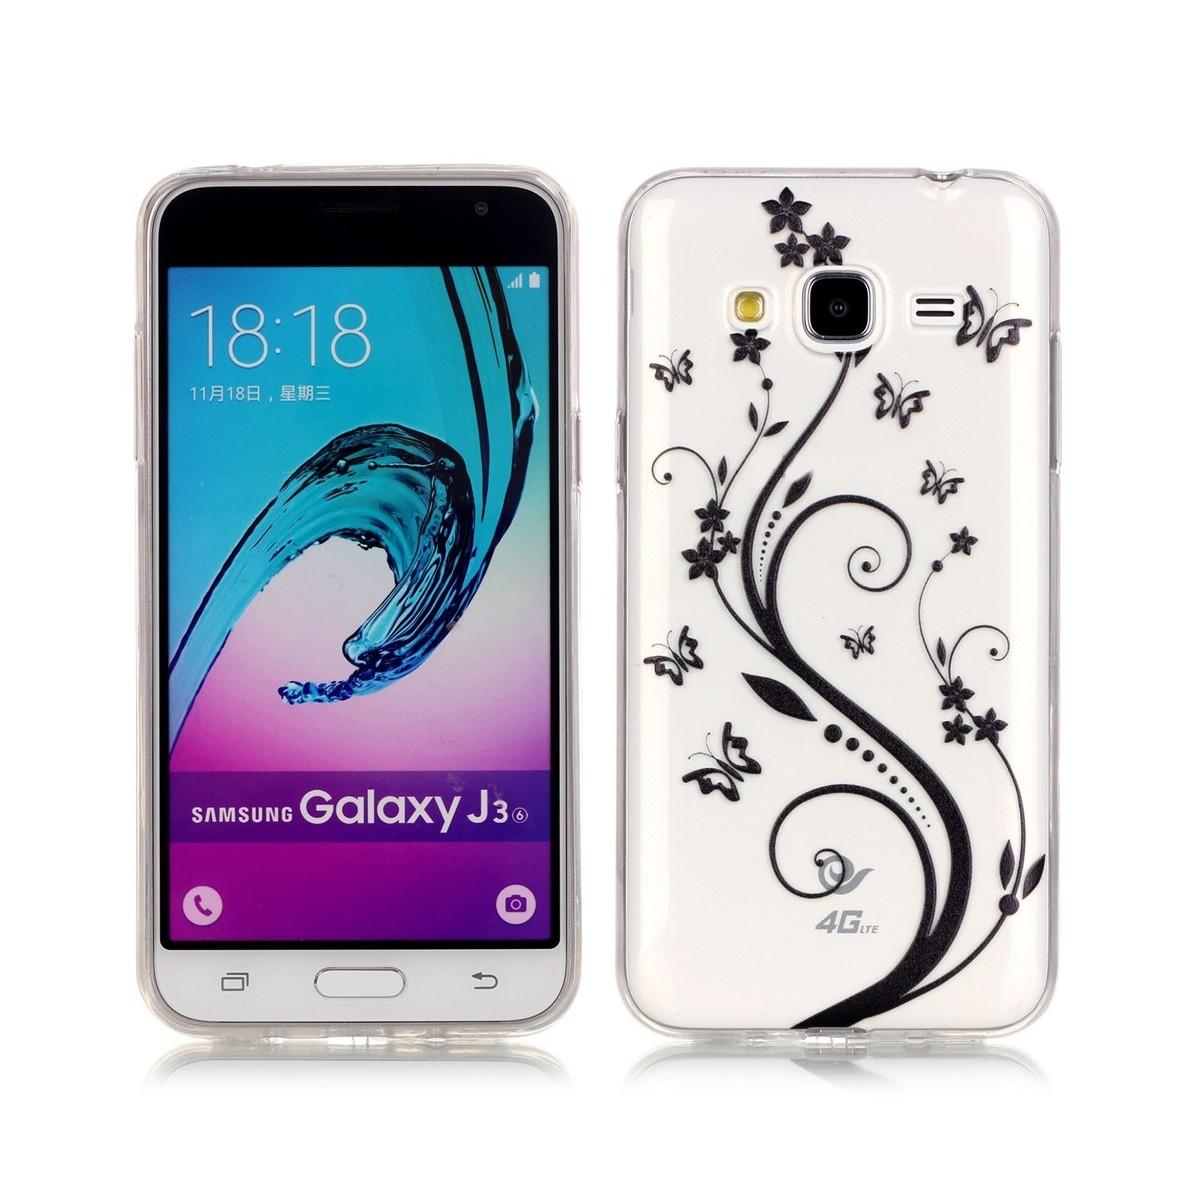 Coque Galaxy J3 (2016) Transparente motif Papillons et Fleurs Noirs - Crazy Kase